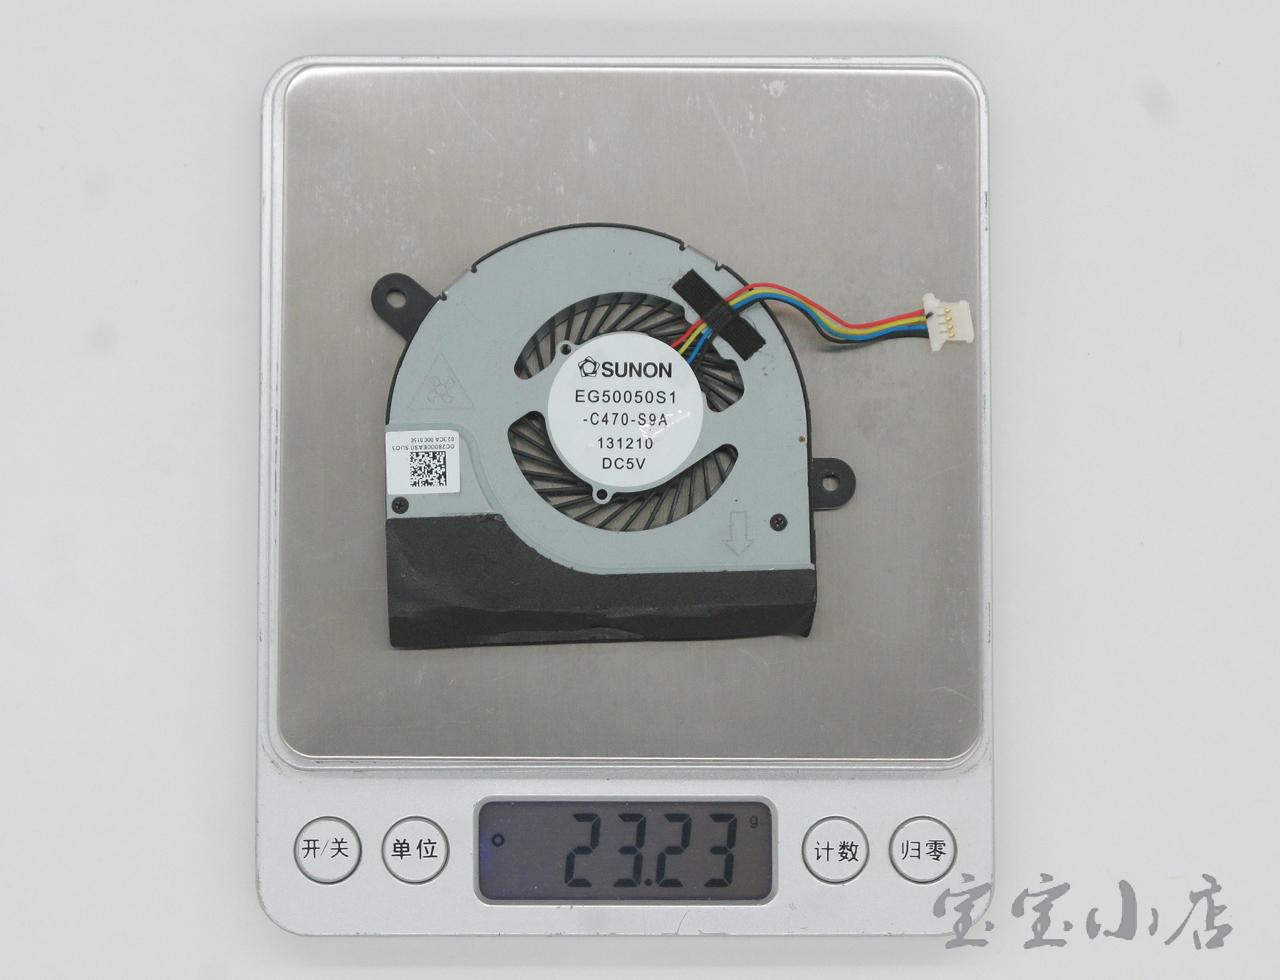 新到货180pcs 惠普HP pavilion 11-N X360 310 G1 Cooling fan 755729-001 EG50050S1-C470-S9A 散热风扇